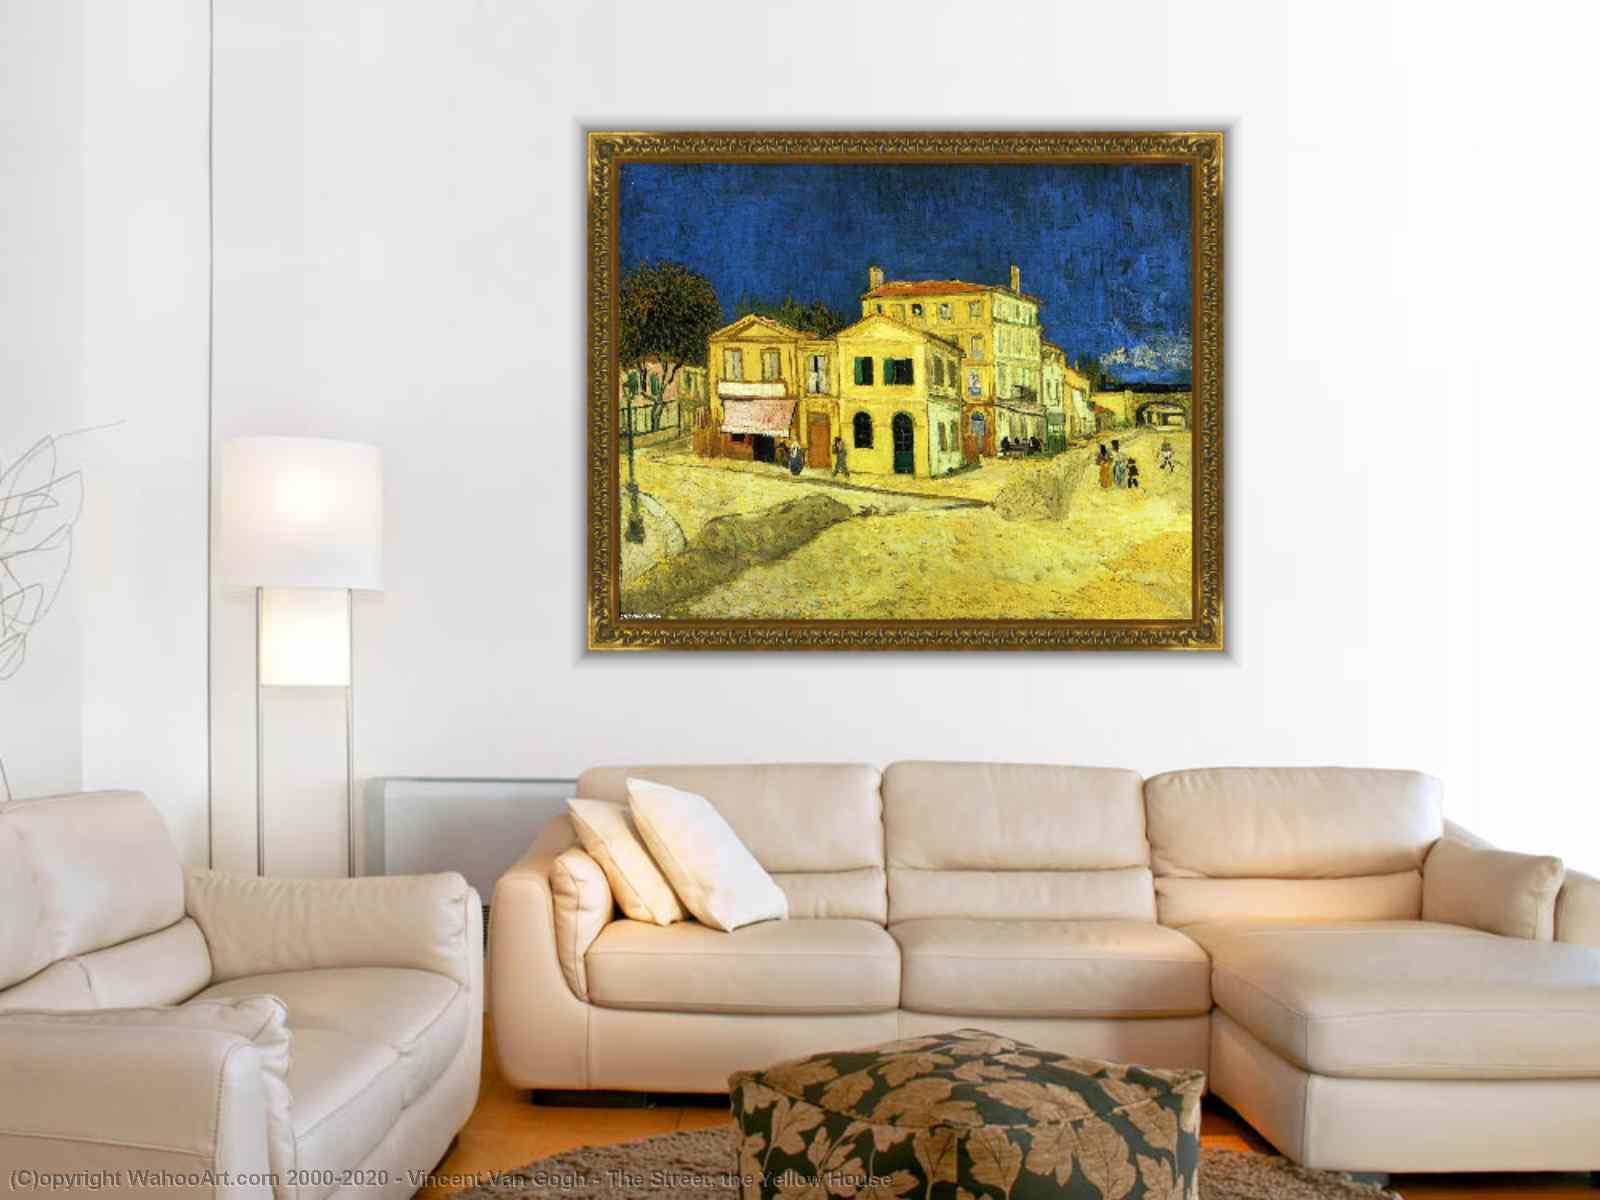 Vincent Van Gogh - le rue la  jaunes  maison sur